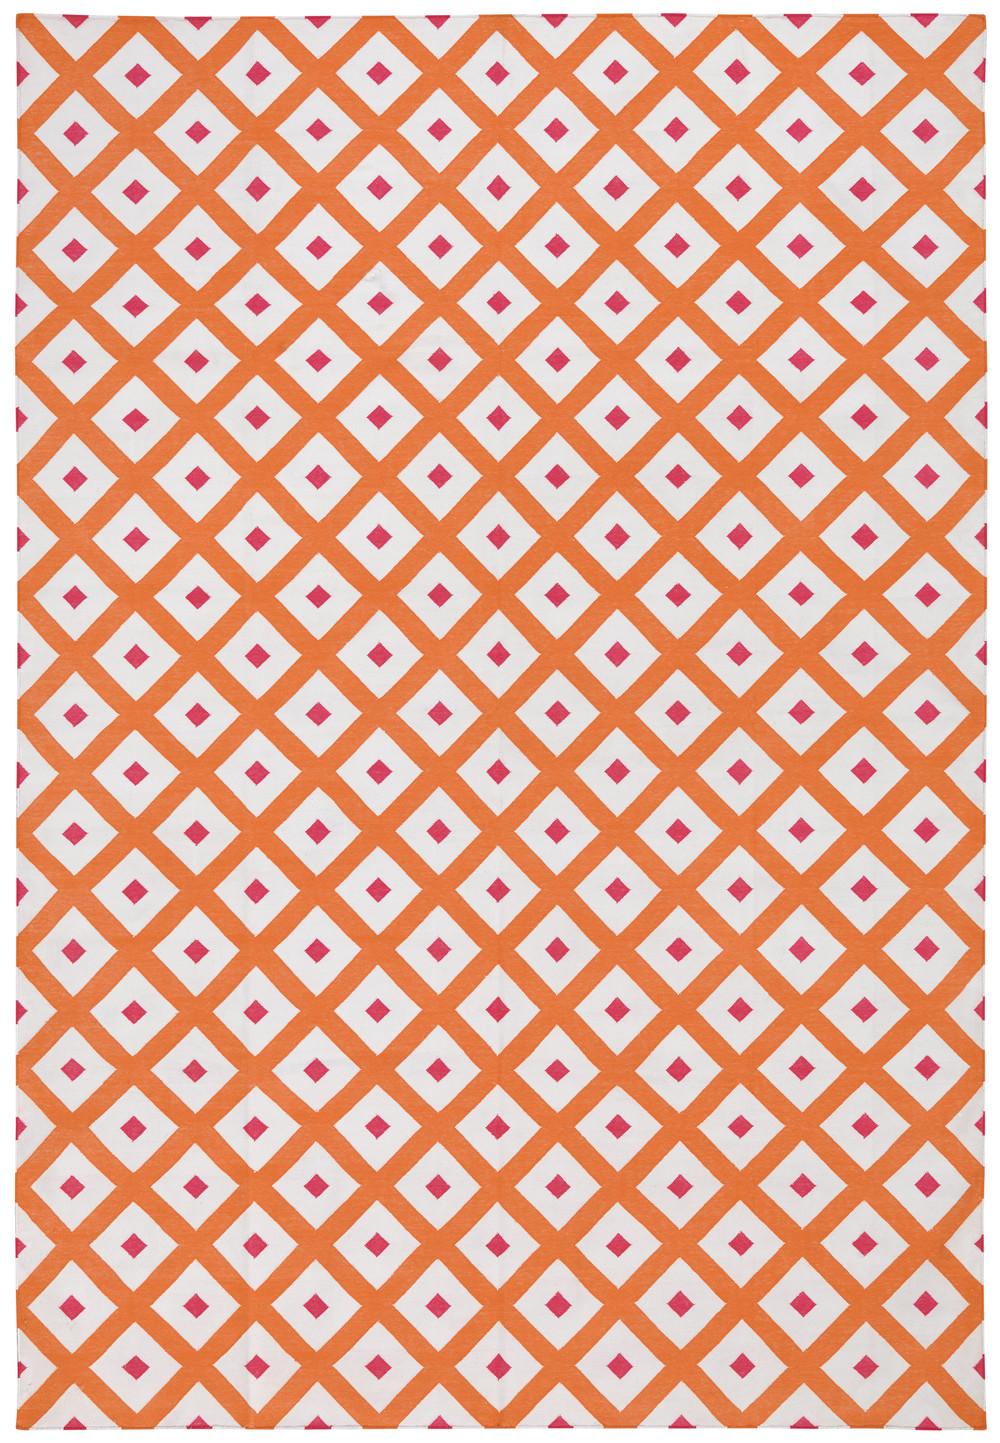 Orange & Pink Dhurrie Rug